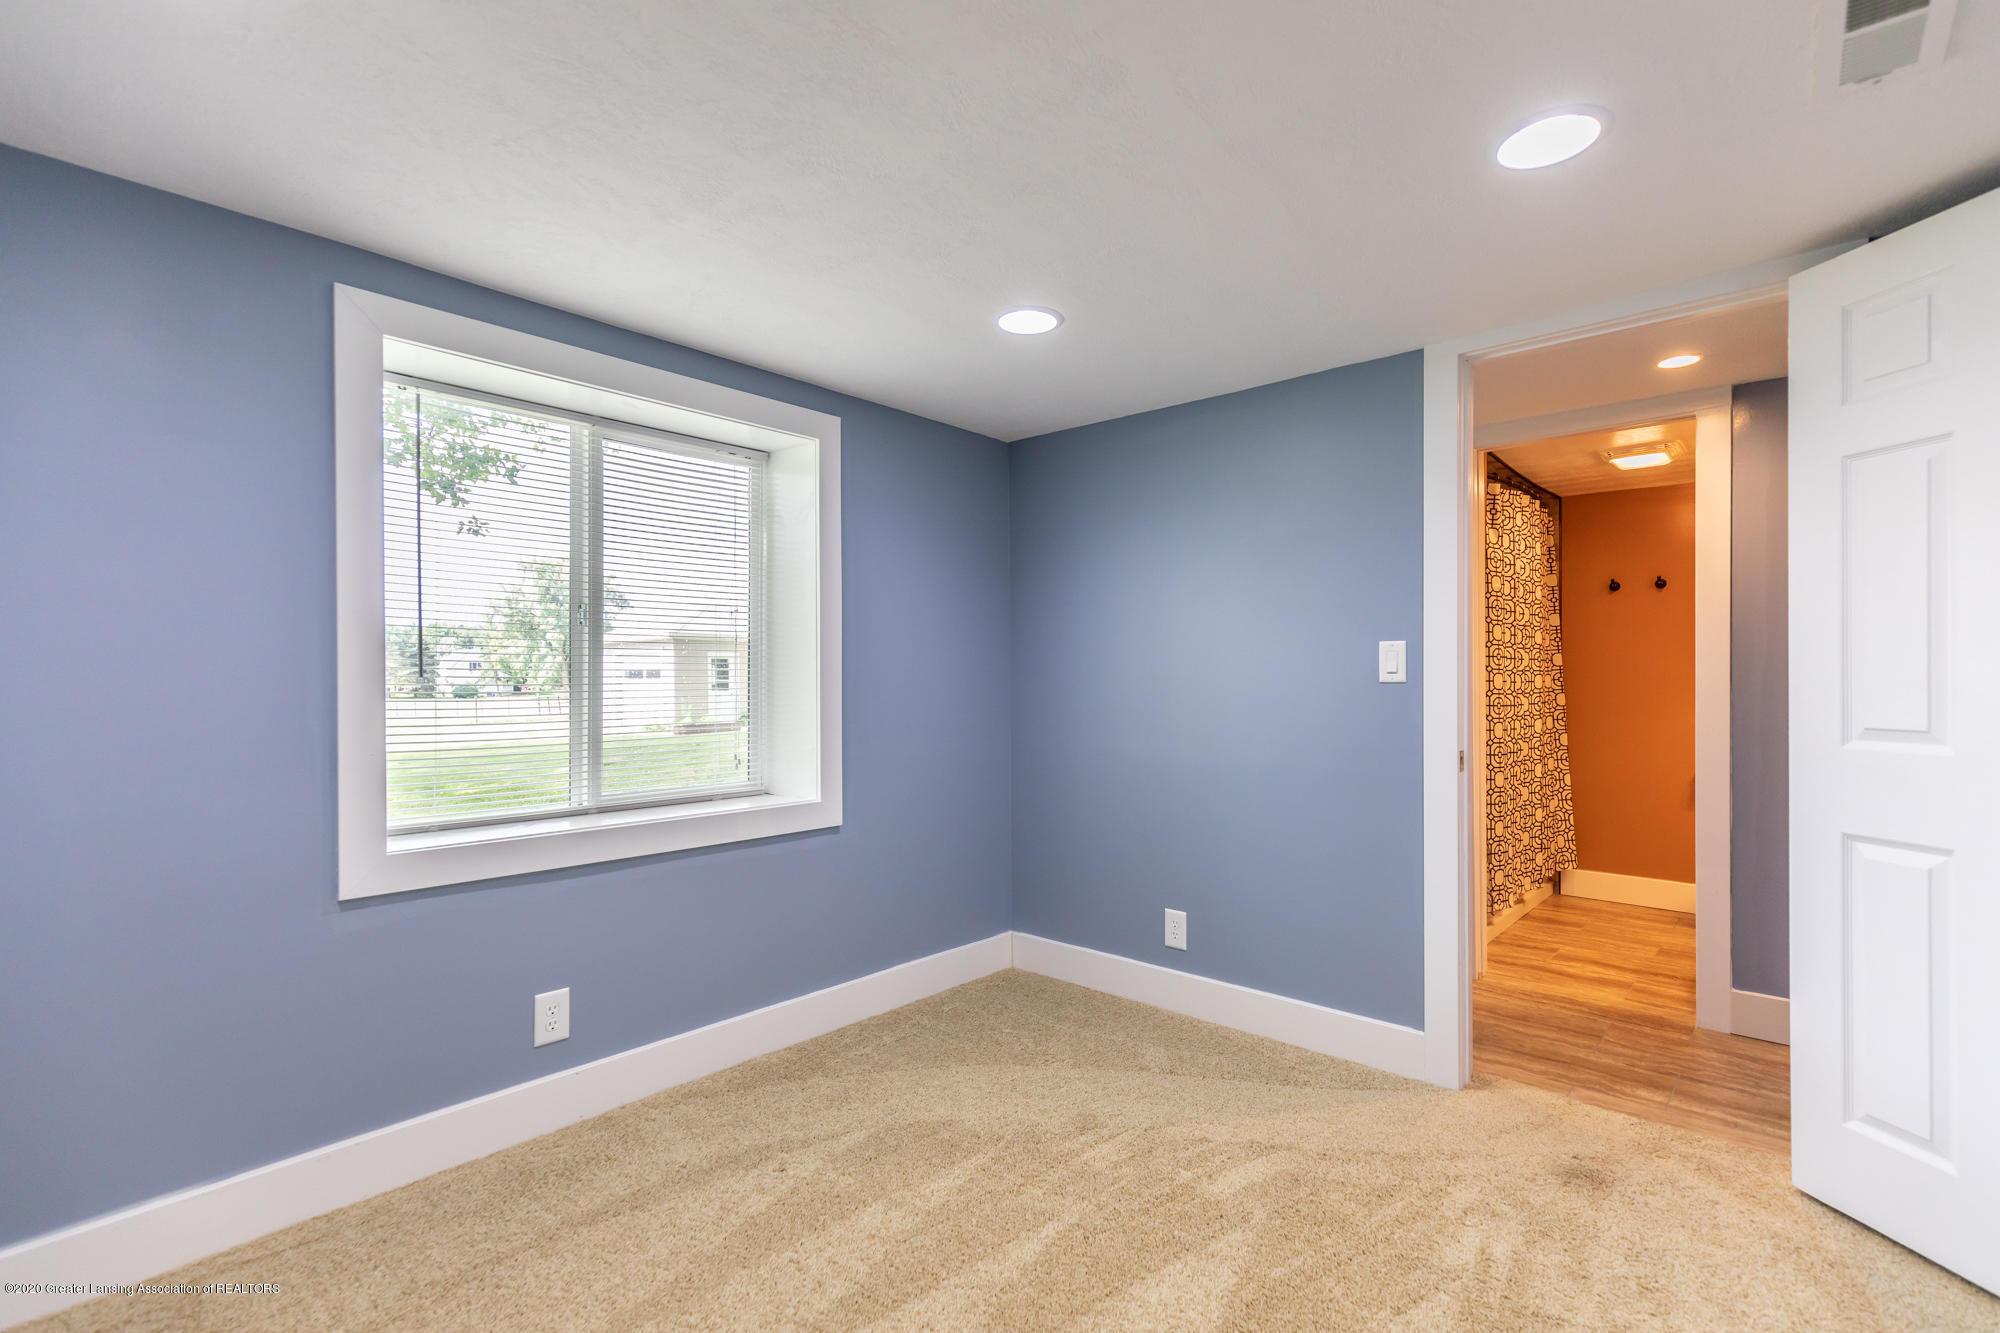 205 W Herbison Rd - Bedroom #4 - 25